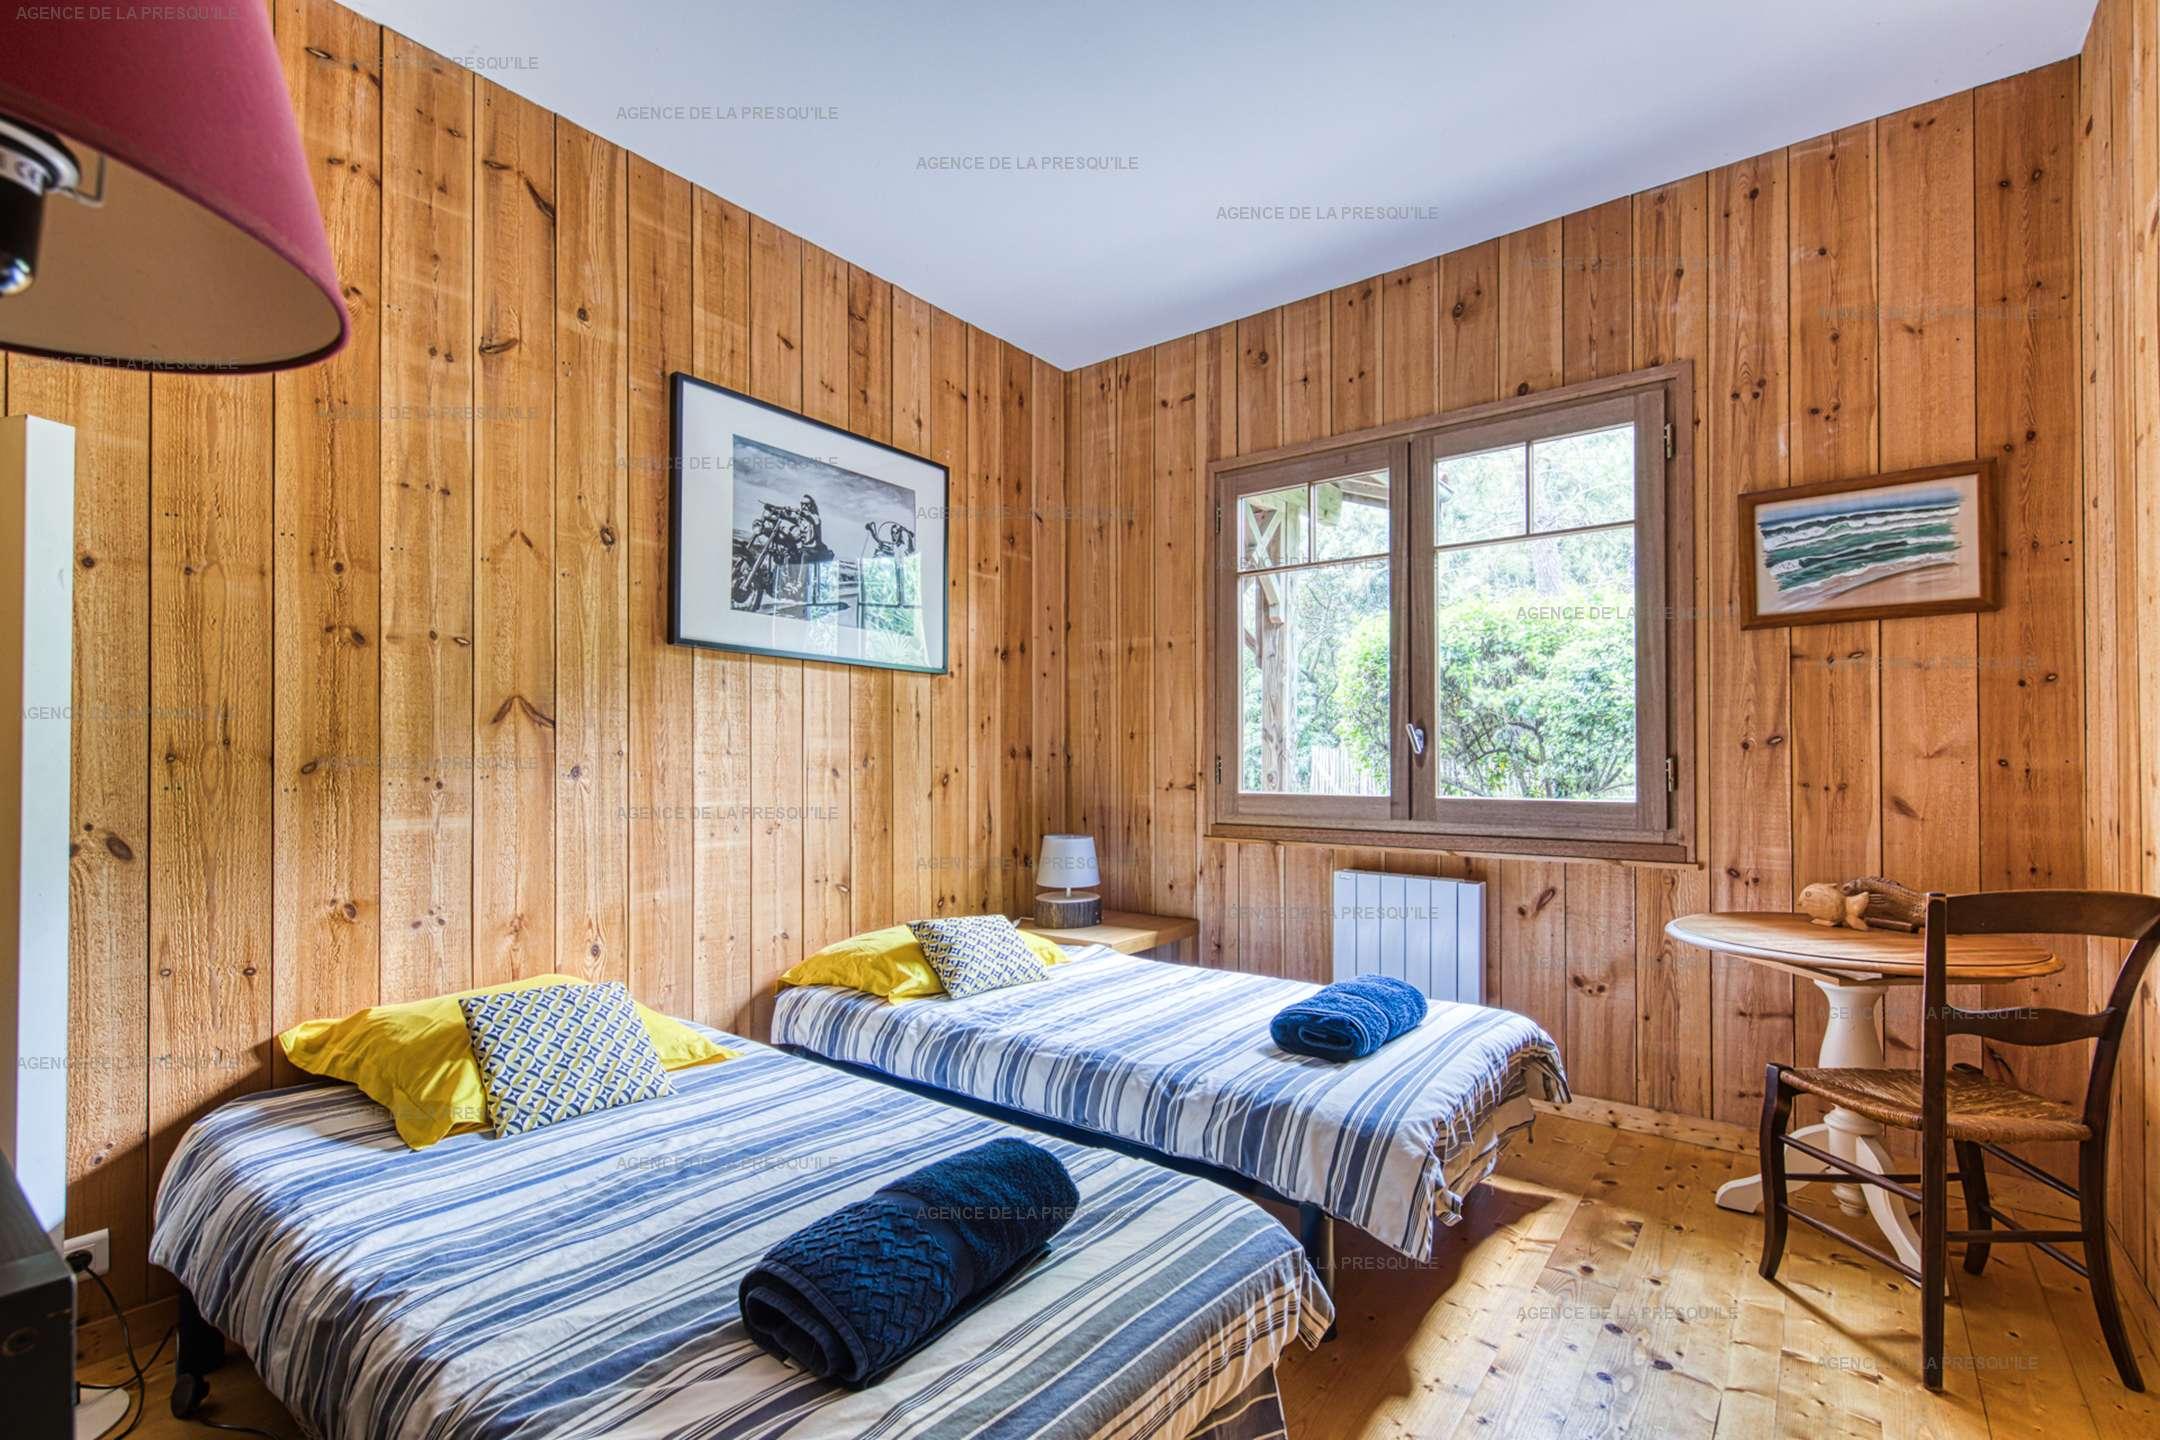 Location: Belle villa en bois au pied du phare 10